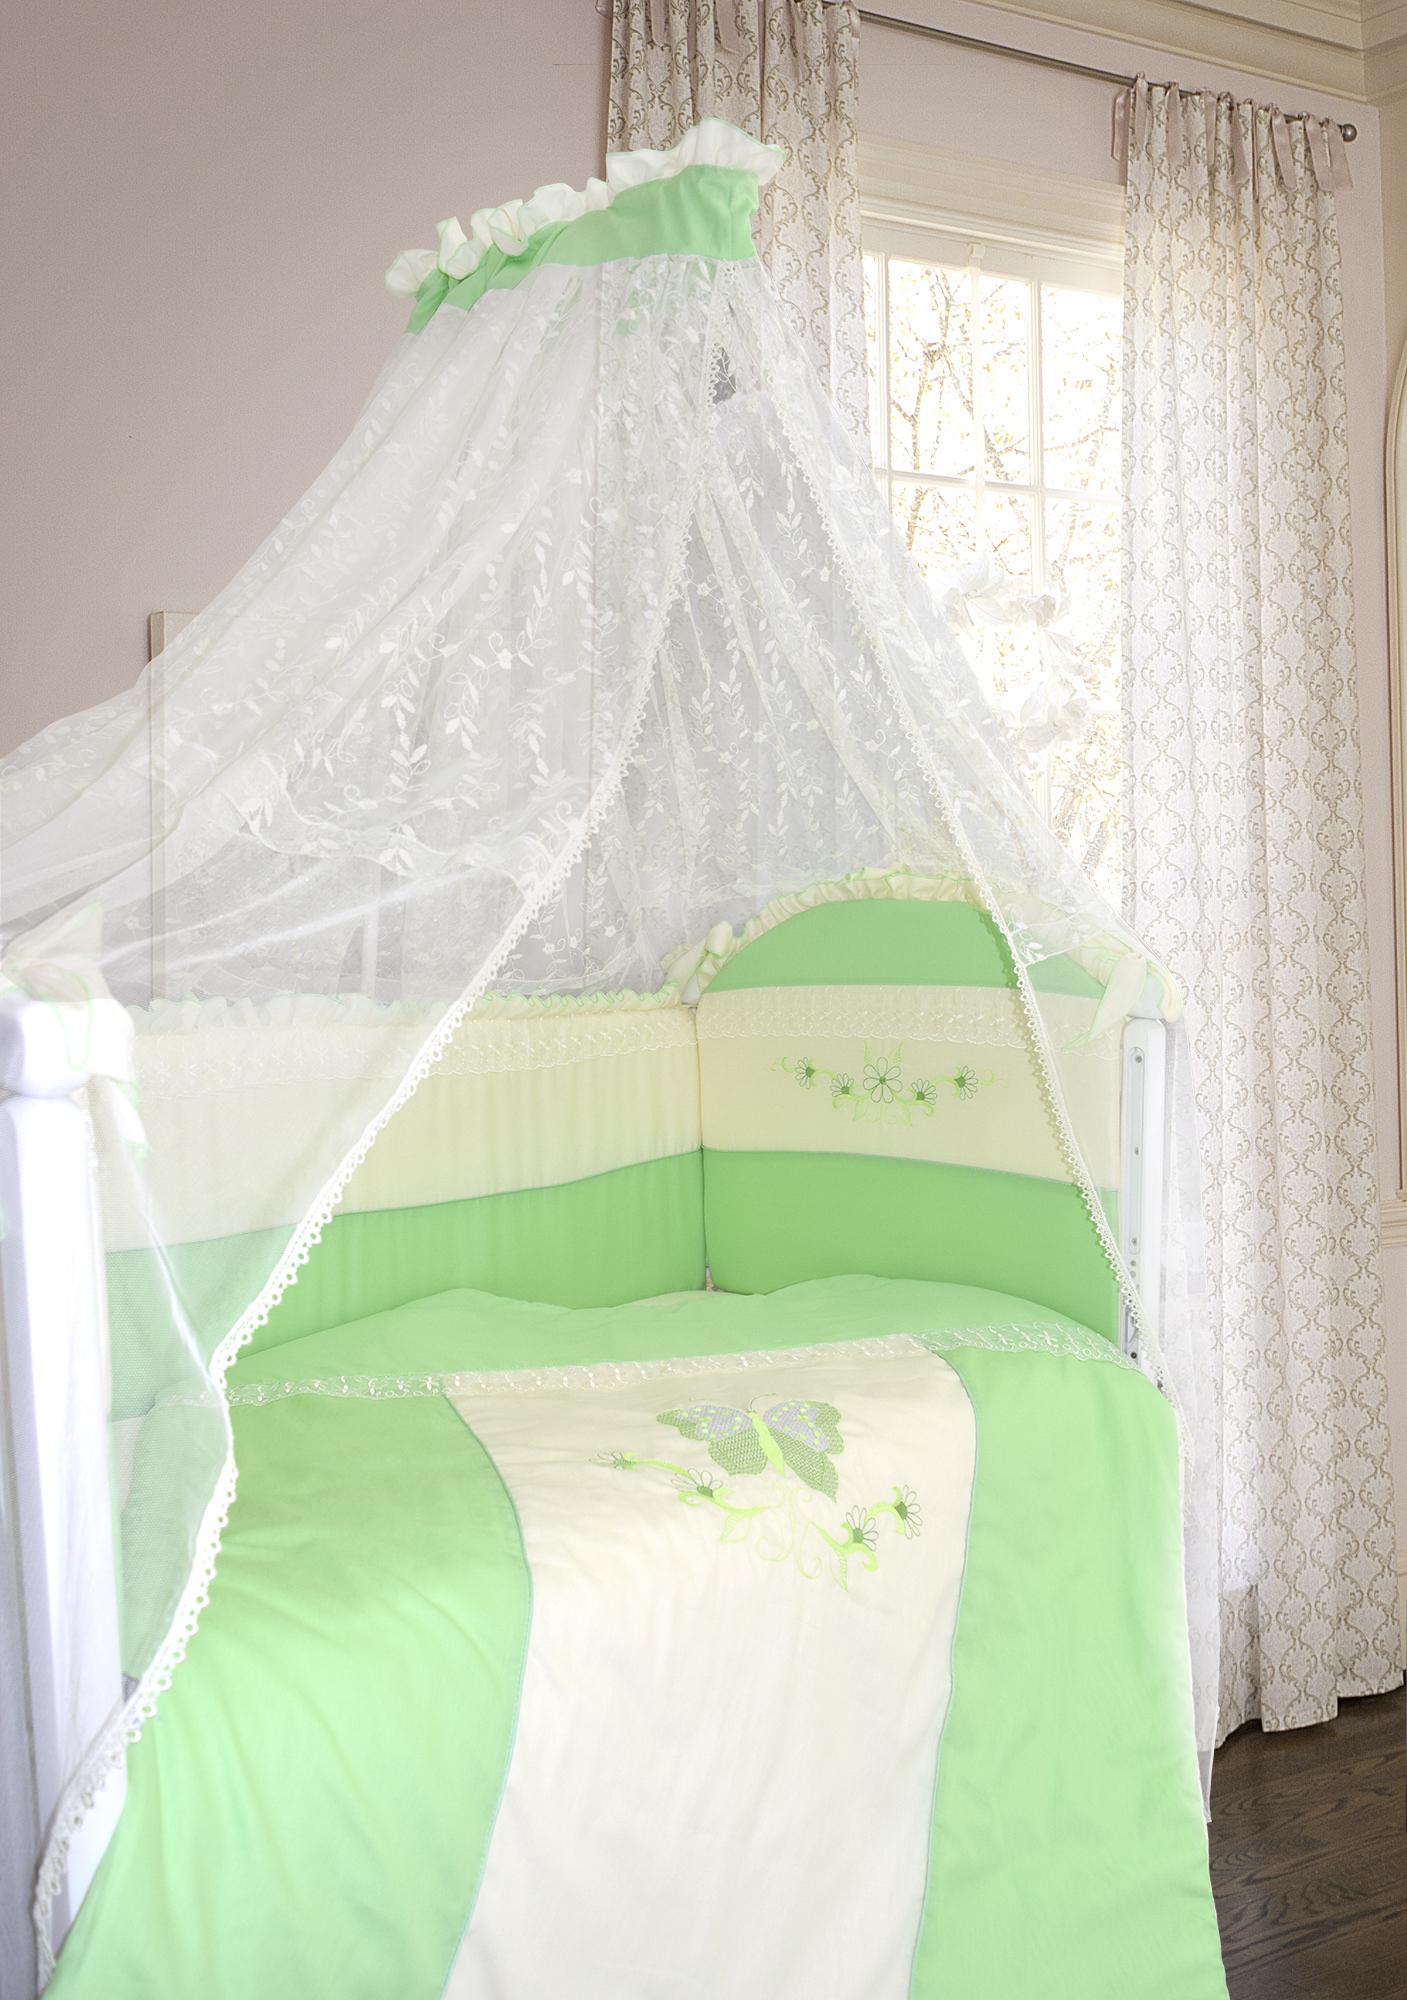 Комплект в кроватку - Абэль, сатин, 7 предметов, зелёныйДетское постельное белье<br>Комплект в кроватку - Абэль, сатин, 7 предметов, зелёный<br>